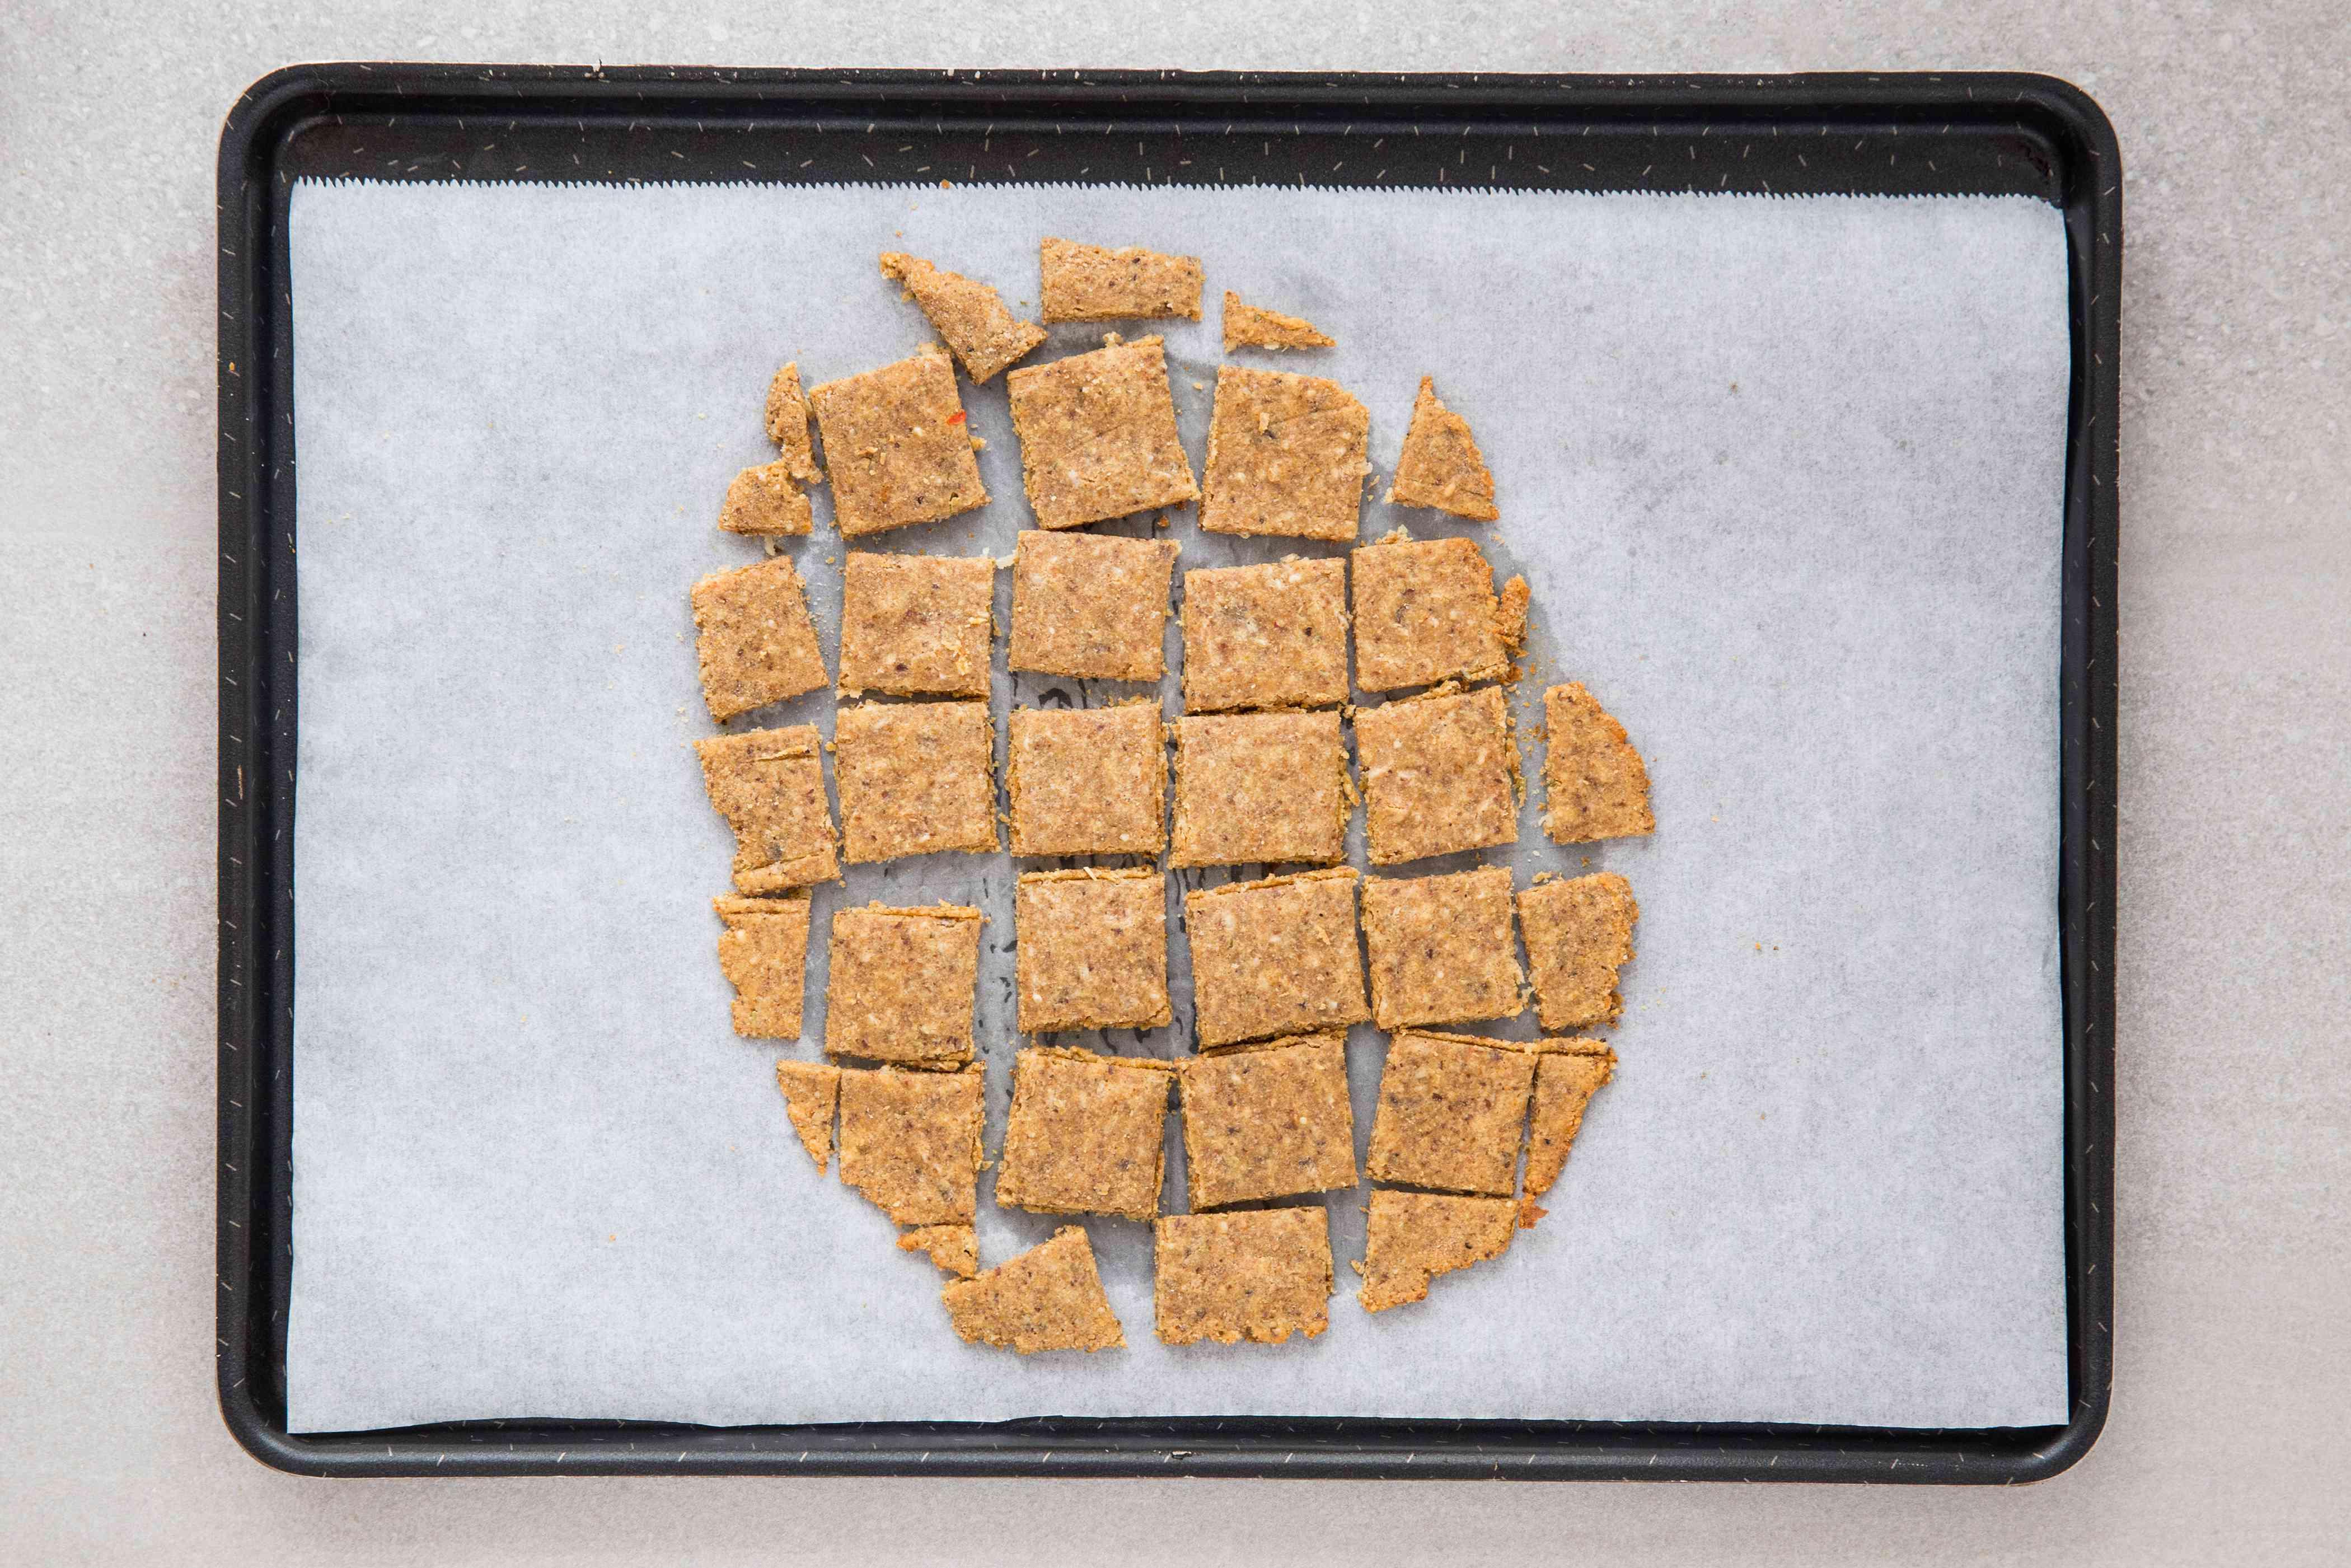 Gluten-Free Almond Flax Cracker on a baking sheet